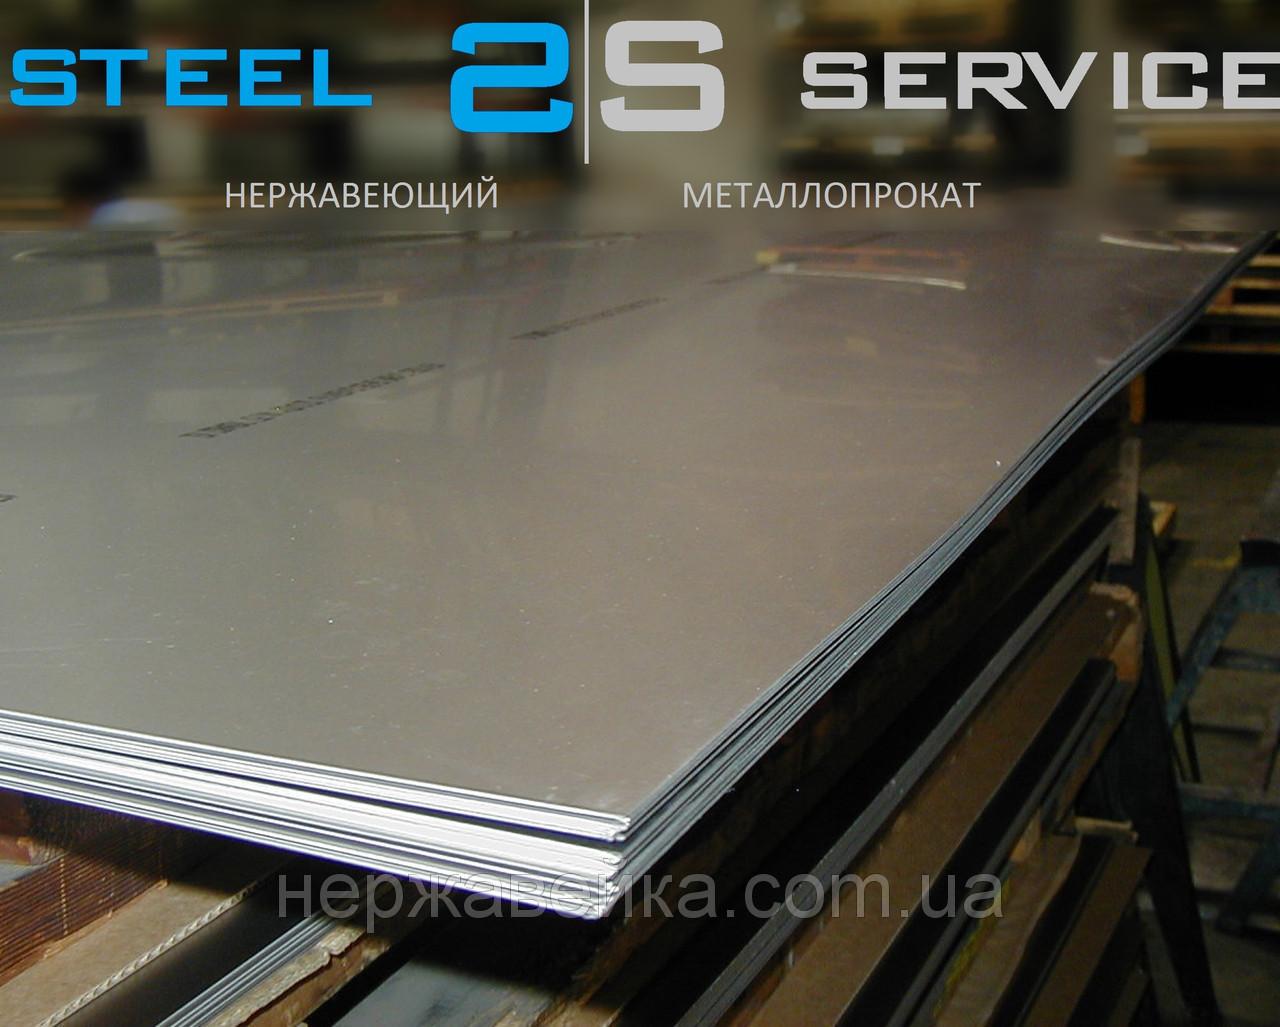 Нержавейка лист 25х1000х2000мм  AISI 310(20Х23Н18) F1 - горячекатанный,  жаропрочный